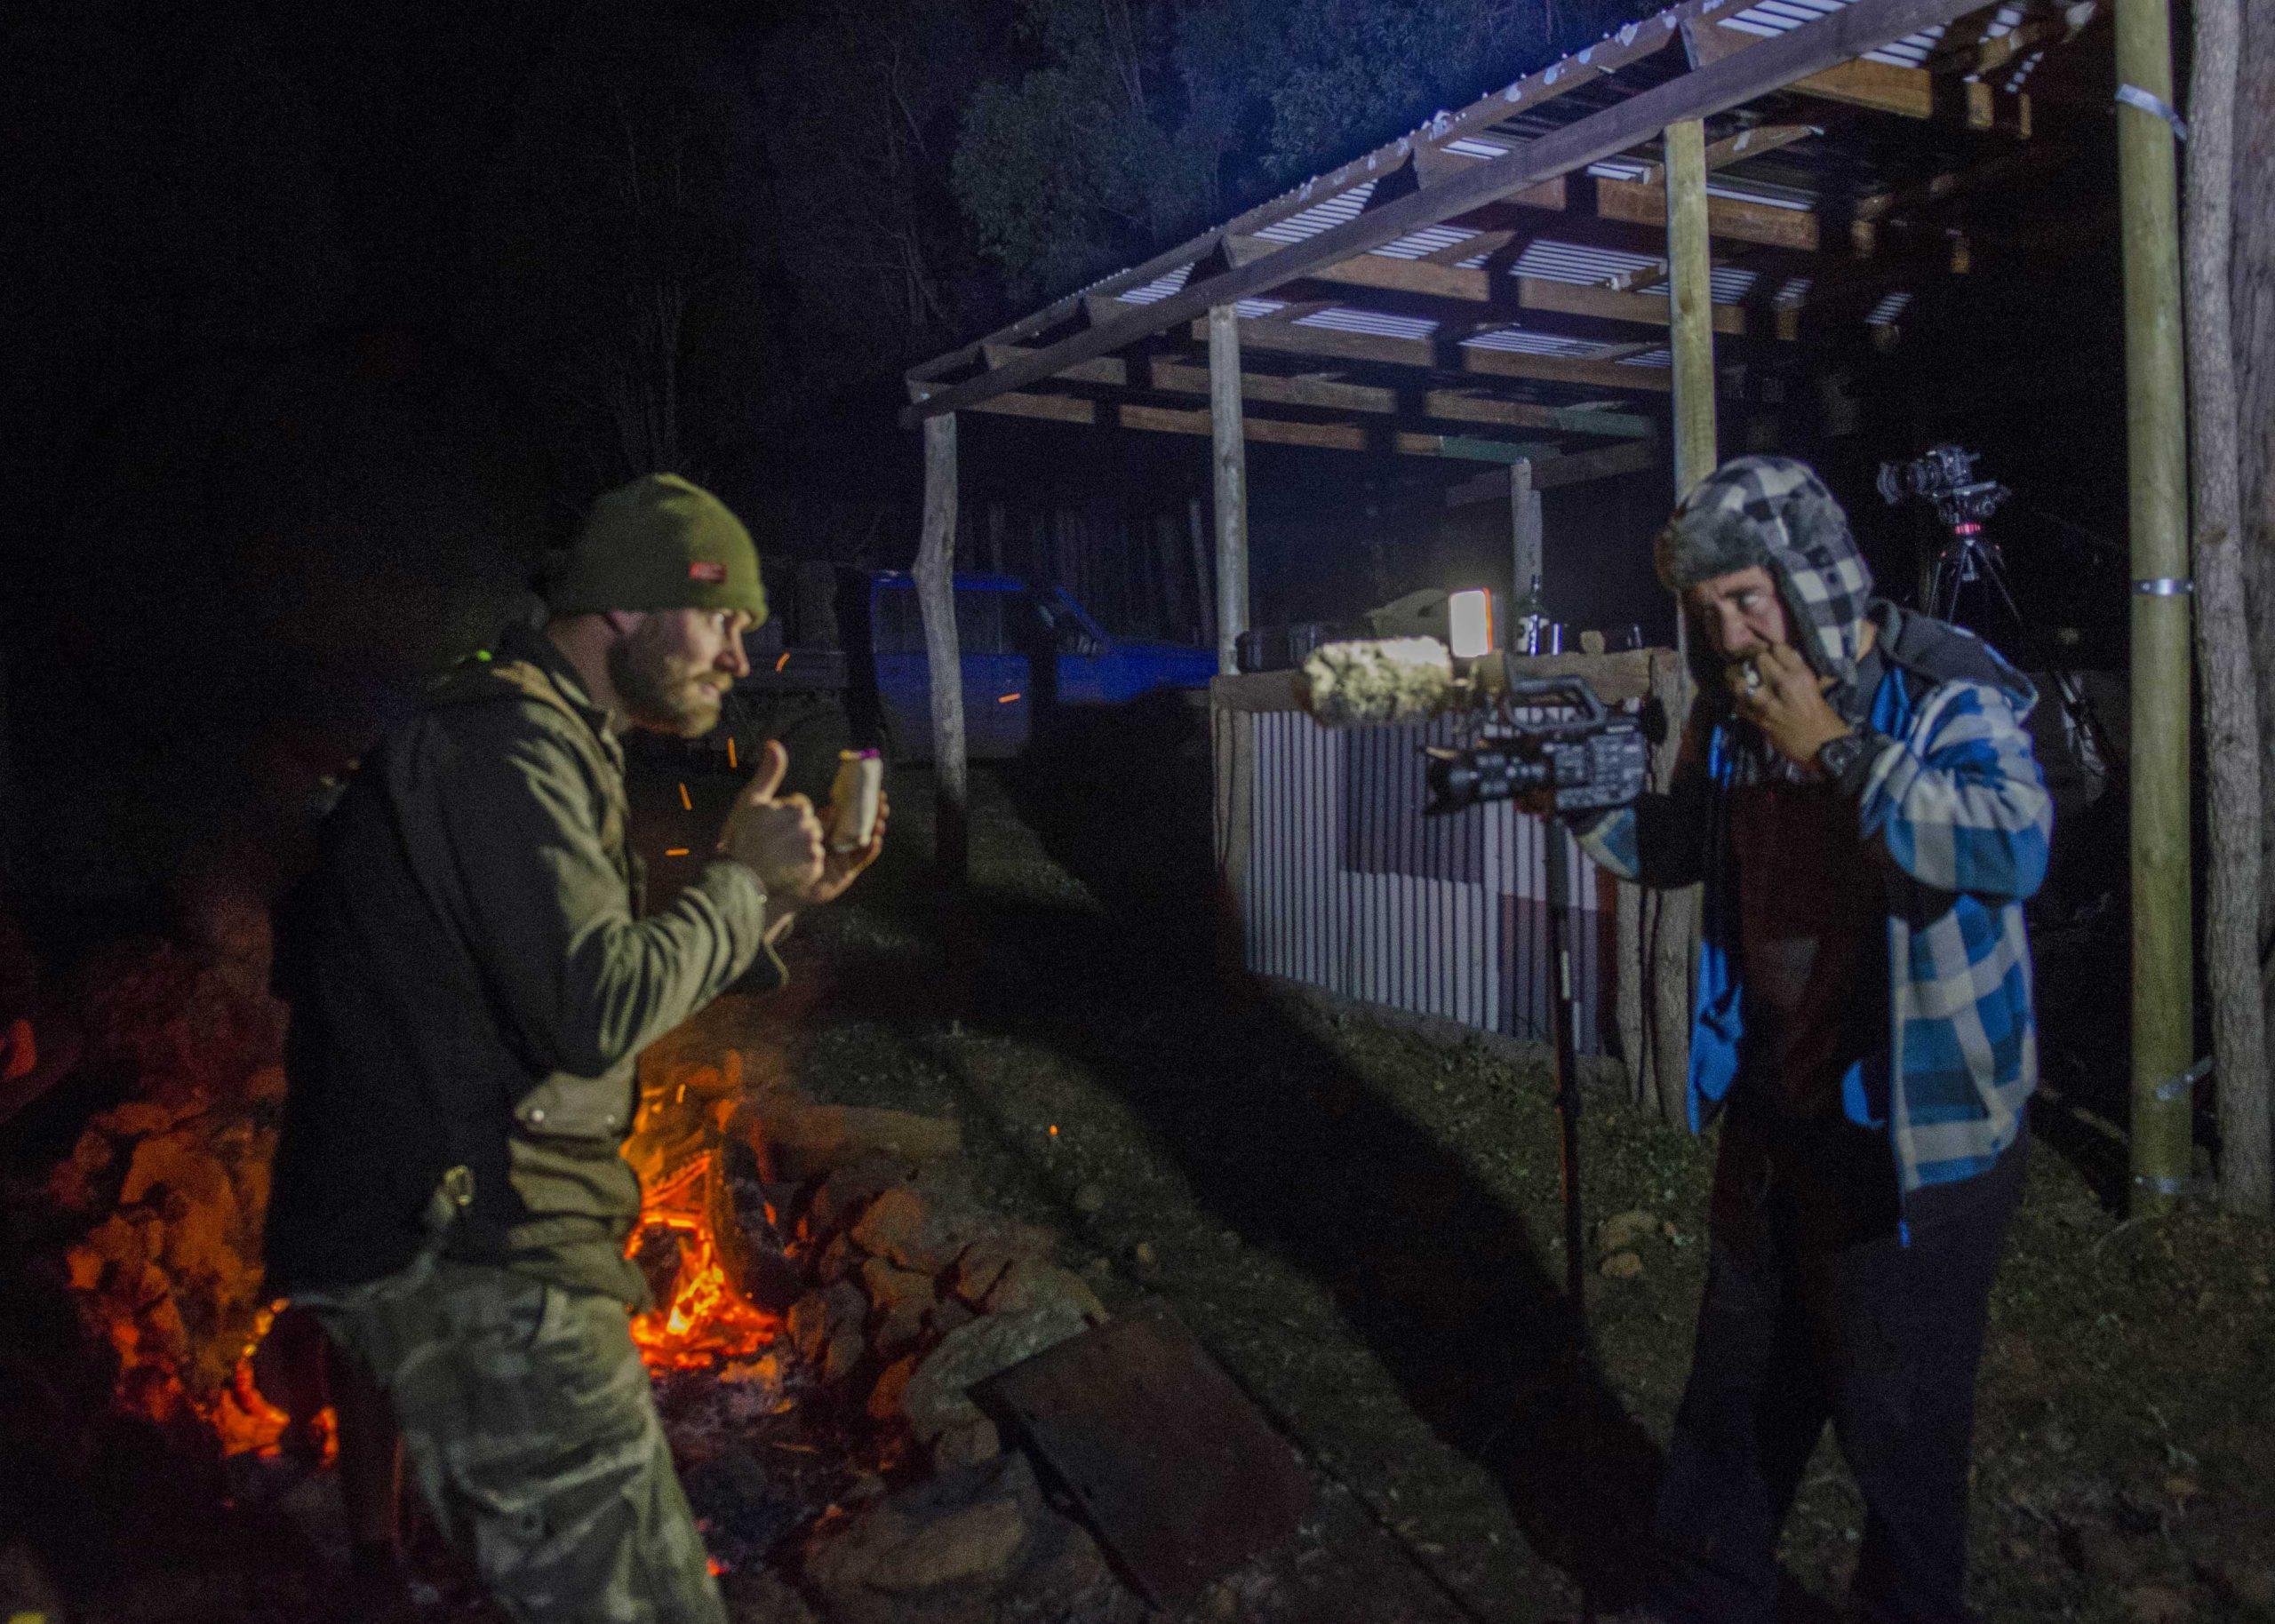 Camp Oven Pulled Pork Ronny Dahl